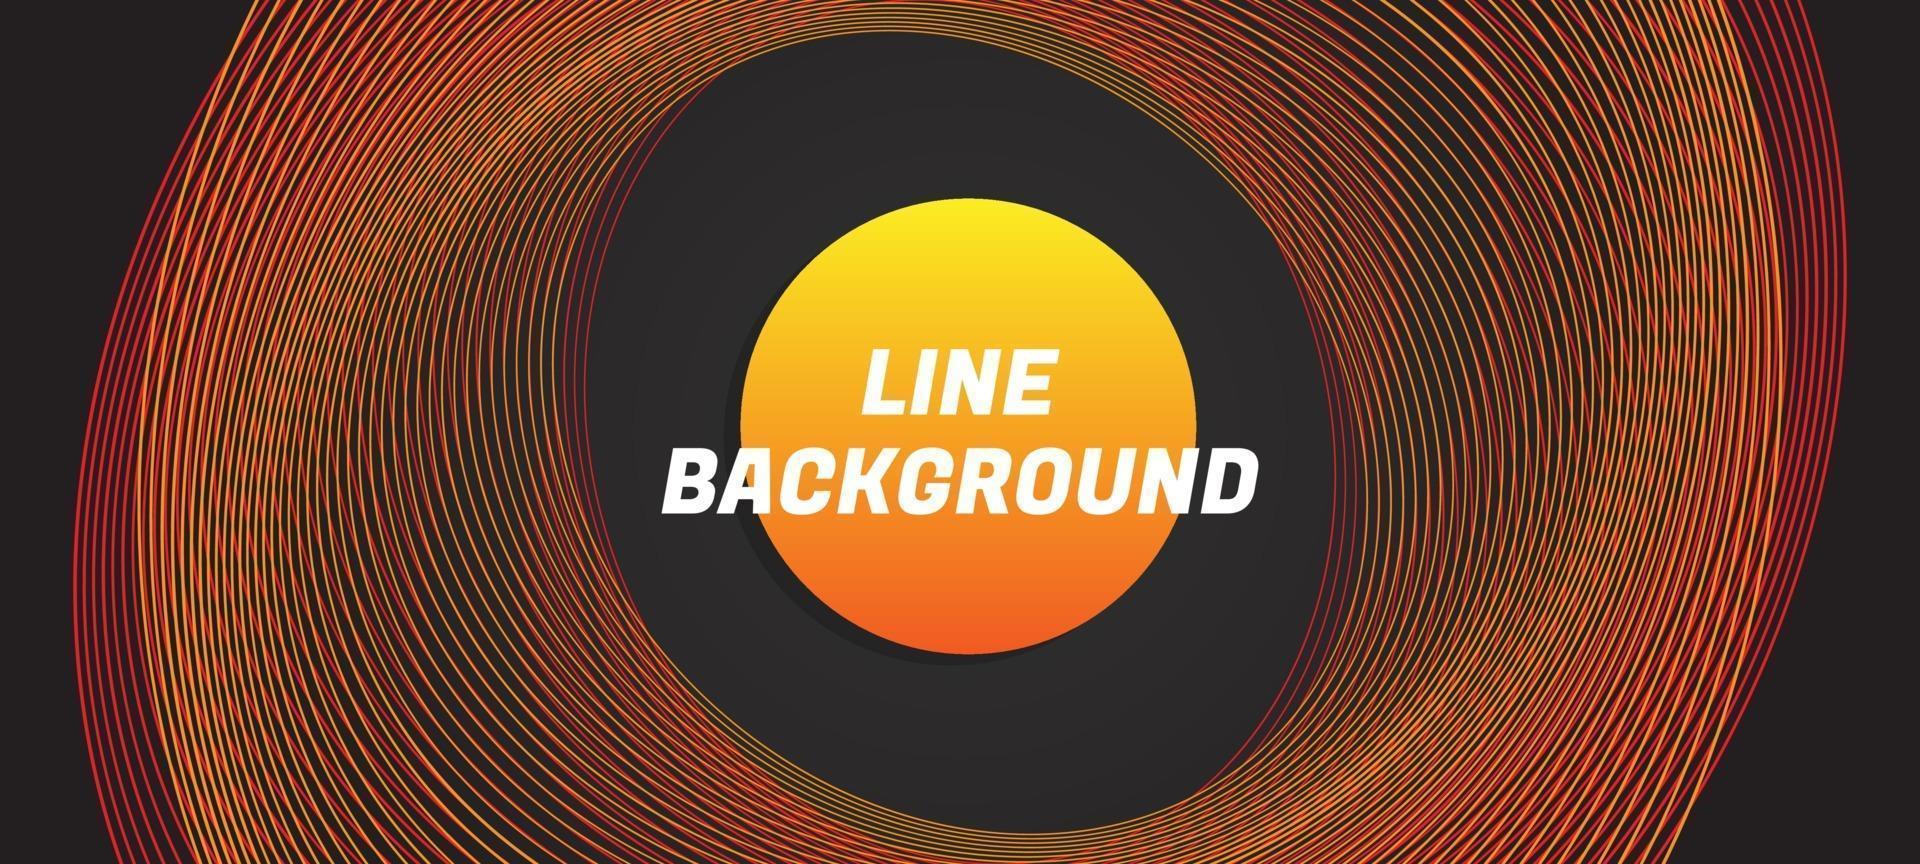 stile della linea su sfondo nero illustrazione vettoriale premium